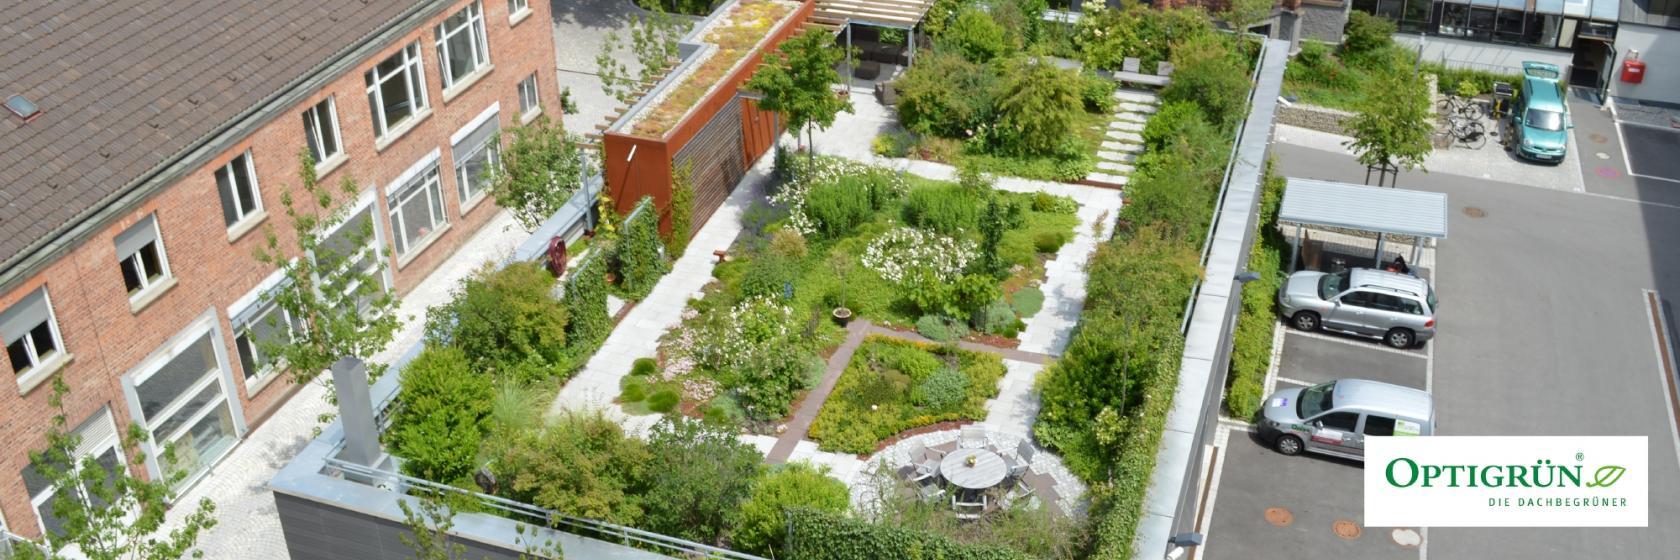 Zusammenspiel von Dachbegrünung im Hochbau und Regenwassermanagement im Tiefbau